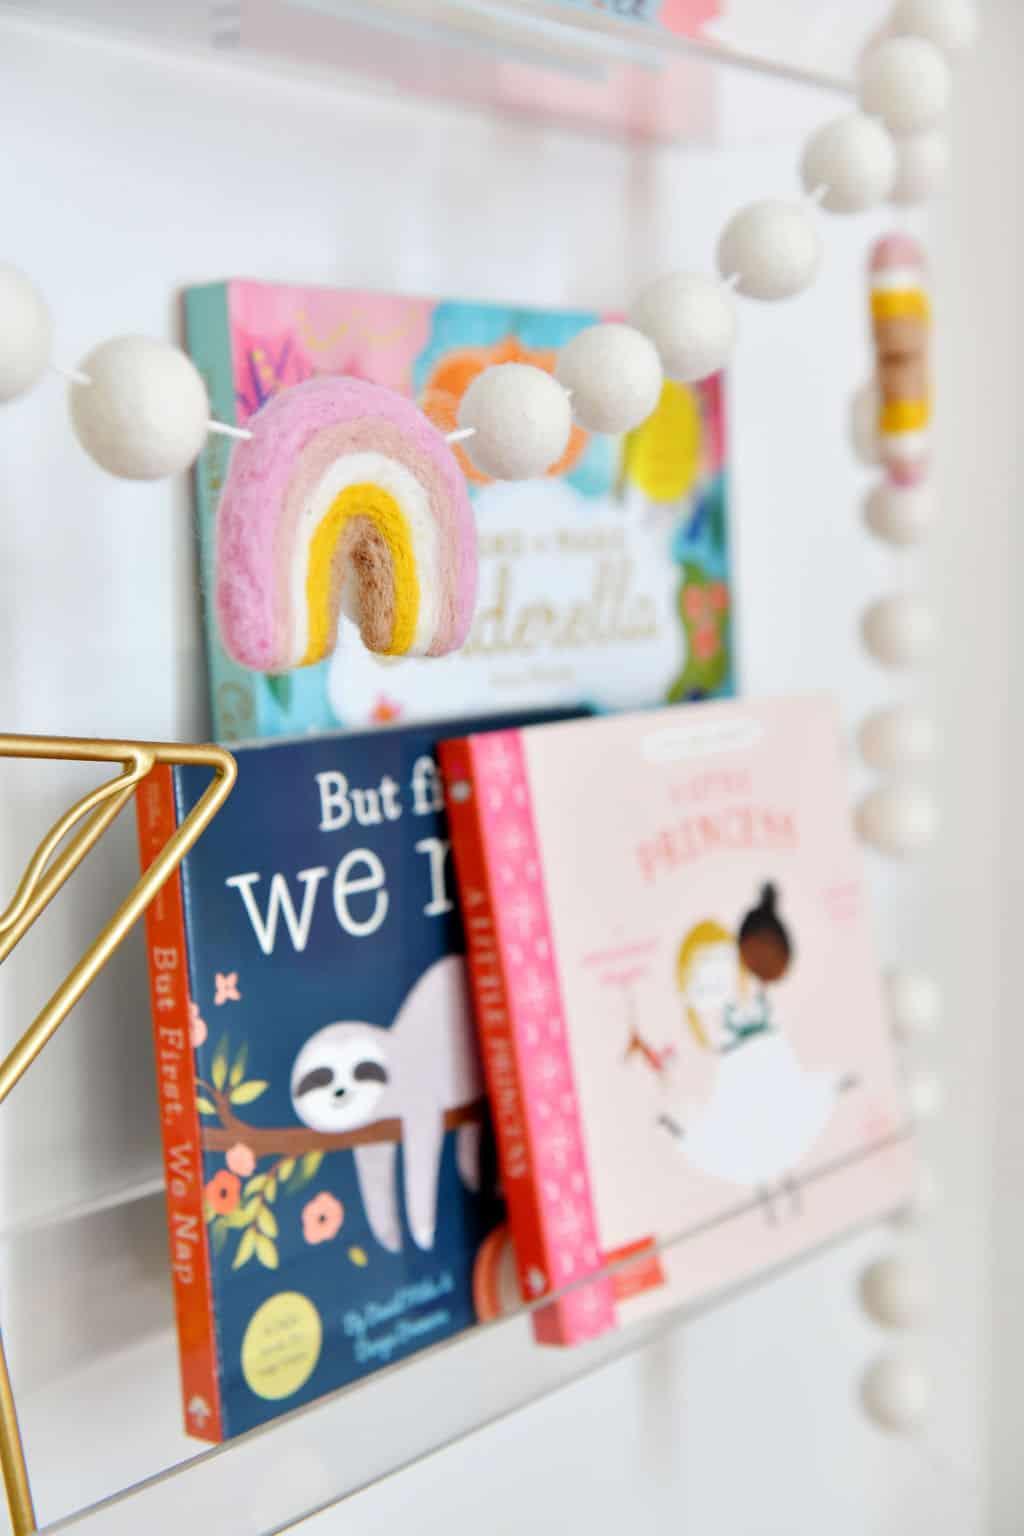 Rainbow felt banner on bookshelves